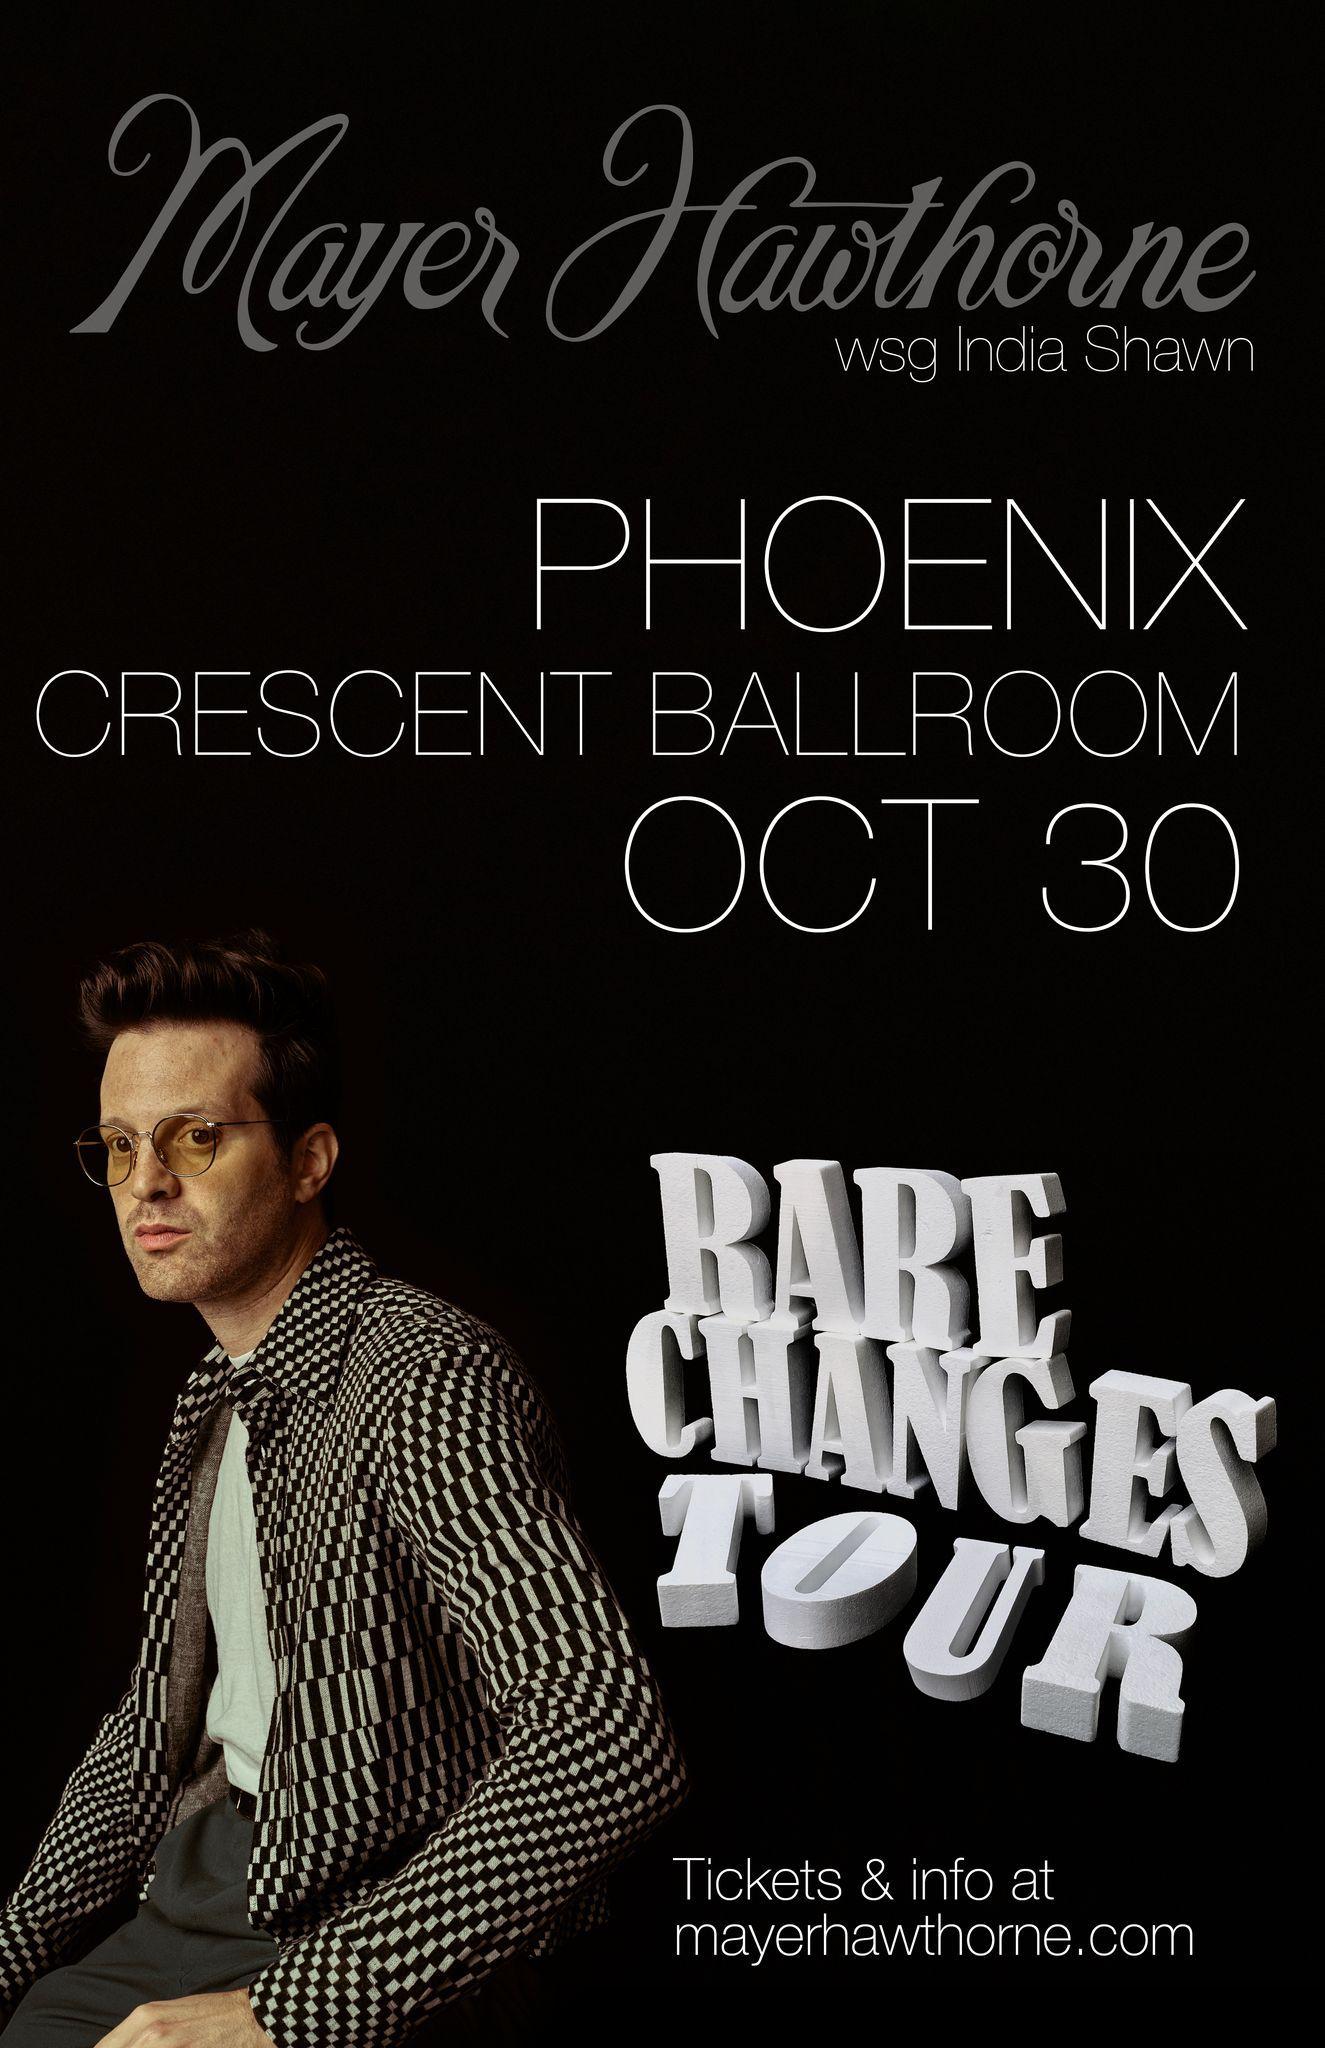 Mayer Hawthorne: Rare Changes Tour